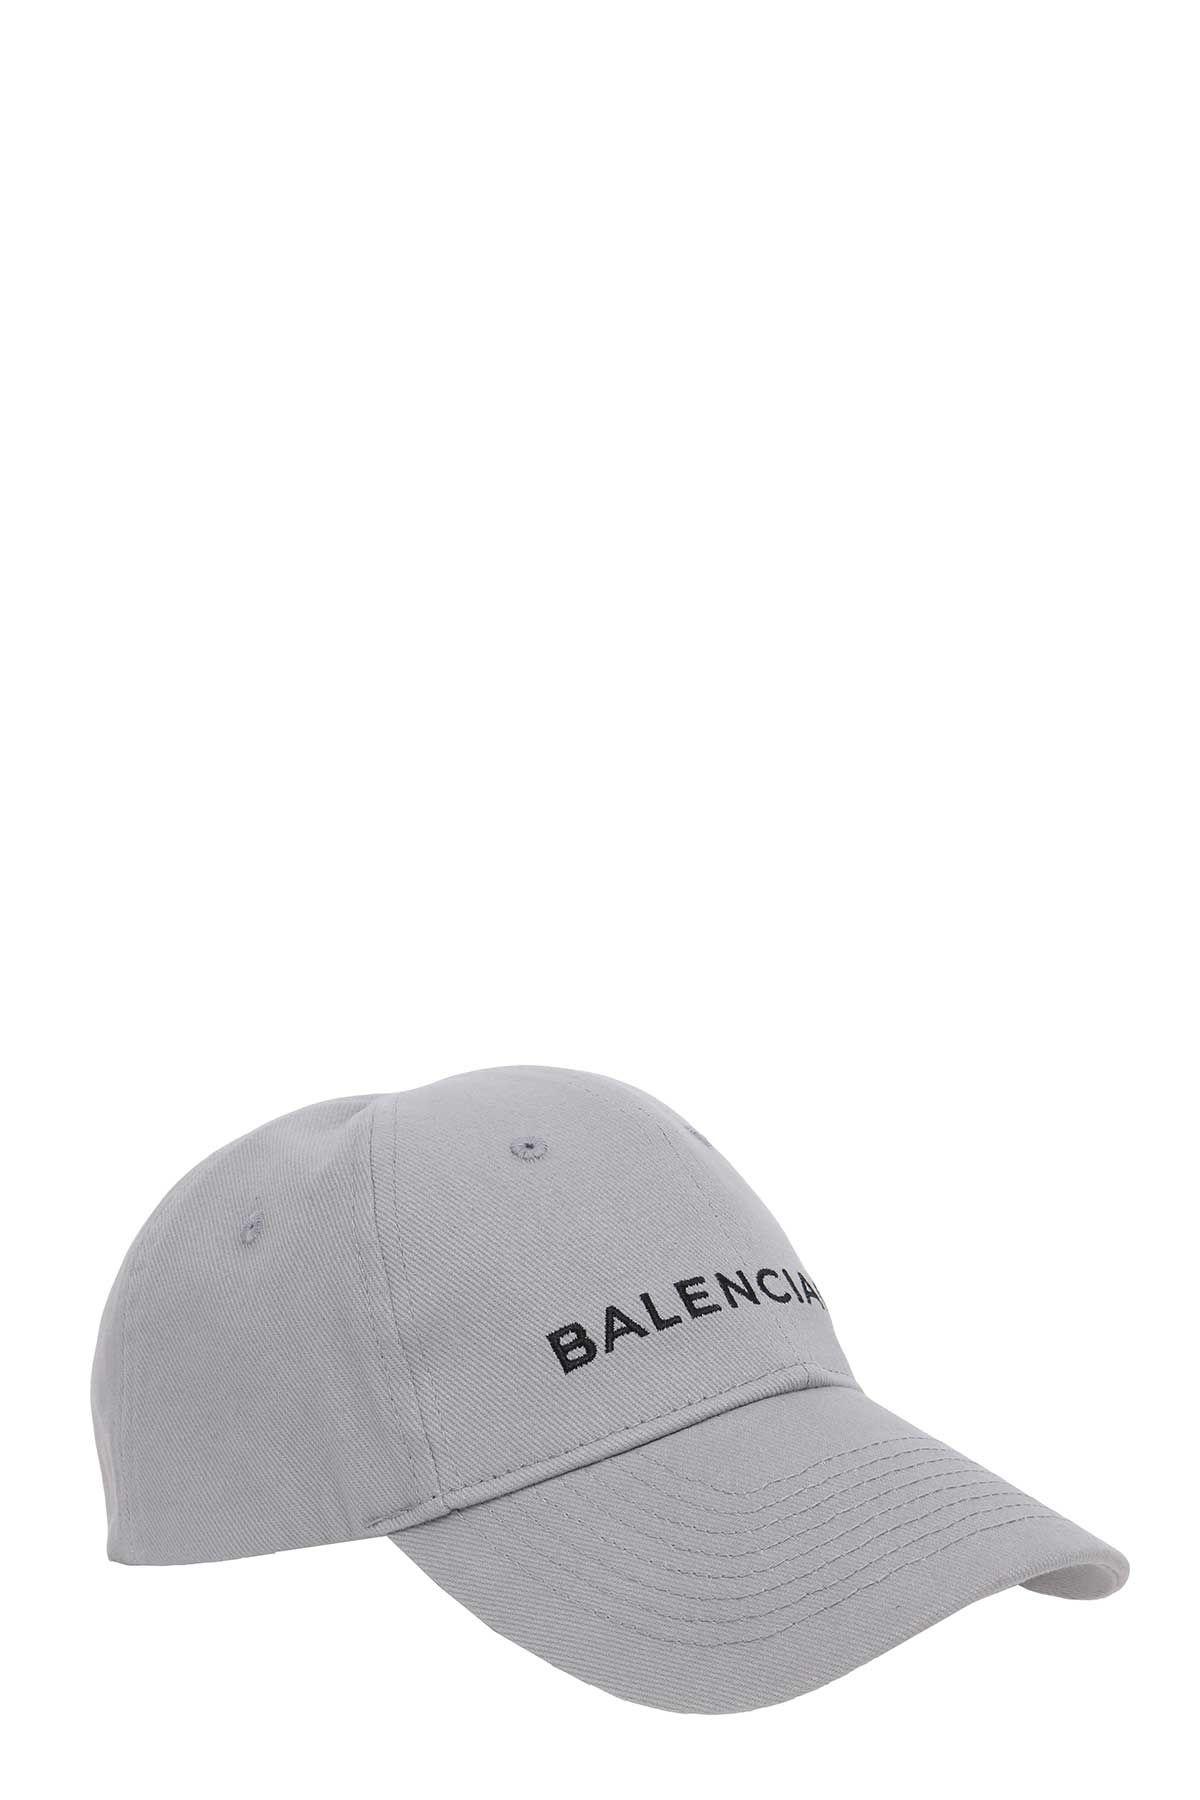 BALENCIAGA GREY COTTON HAT.  balenciaga    c8bed1fa3b8